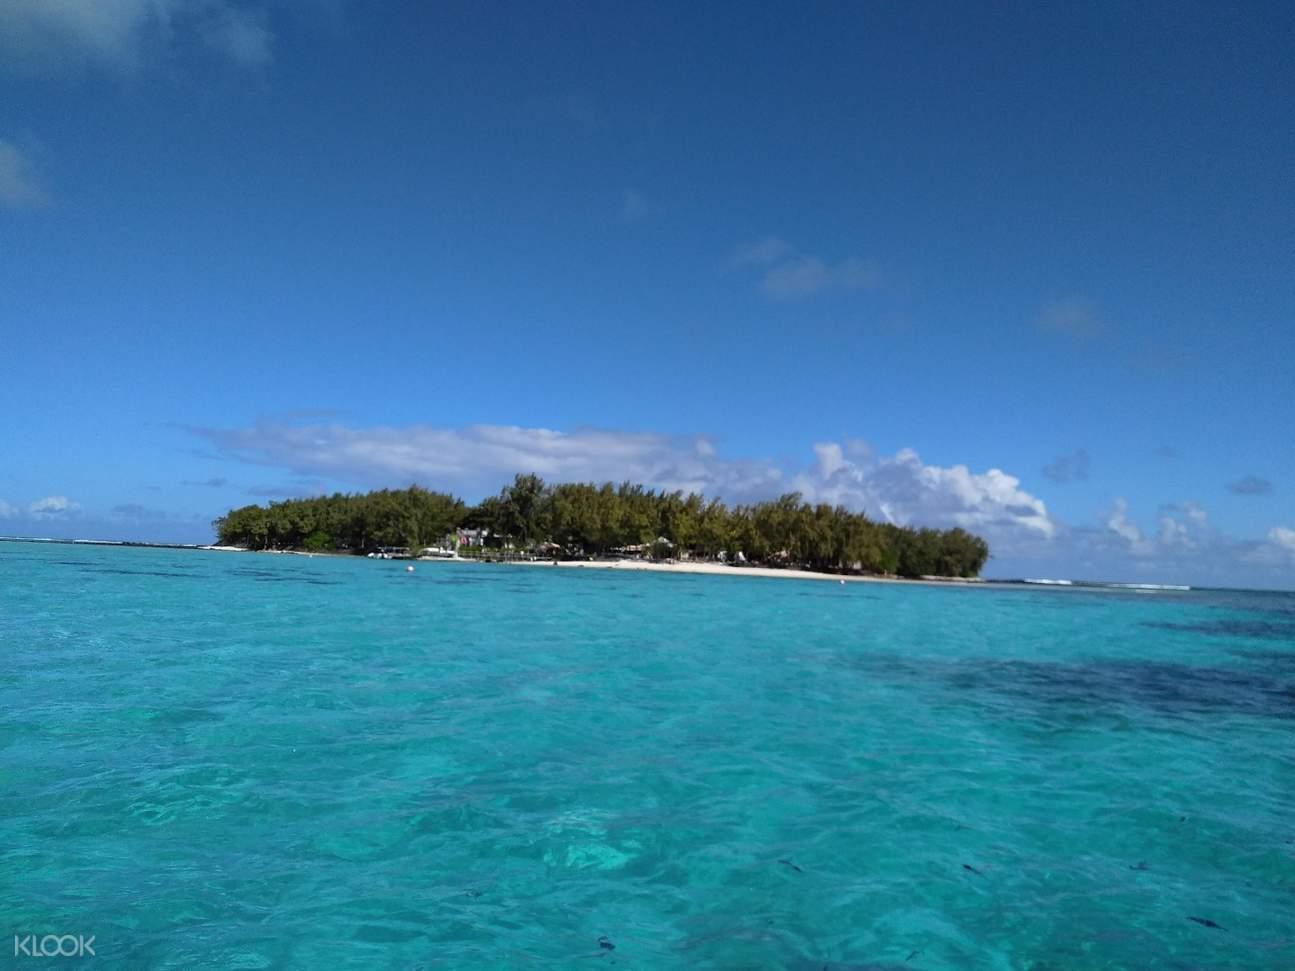 毛里求斯蓝湾,毛里求斯玻璃船,毛里求斯一日游,毛里求斯旅游,